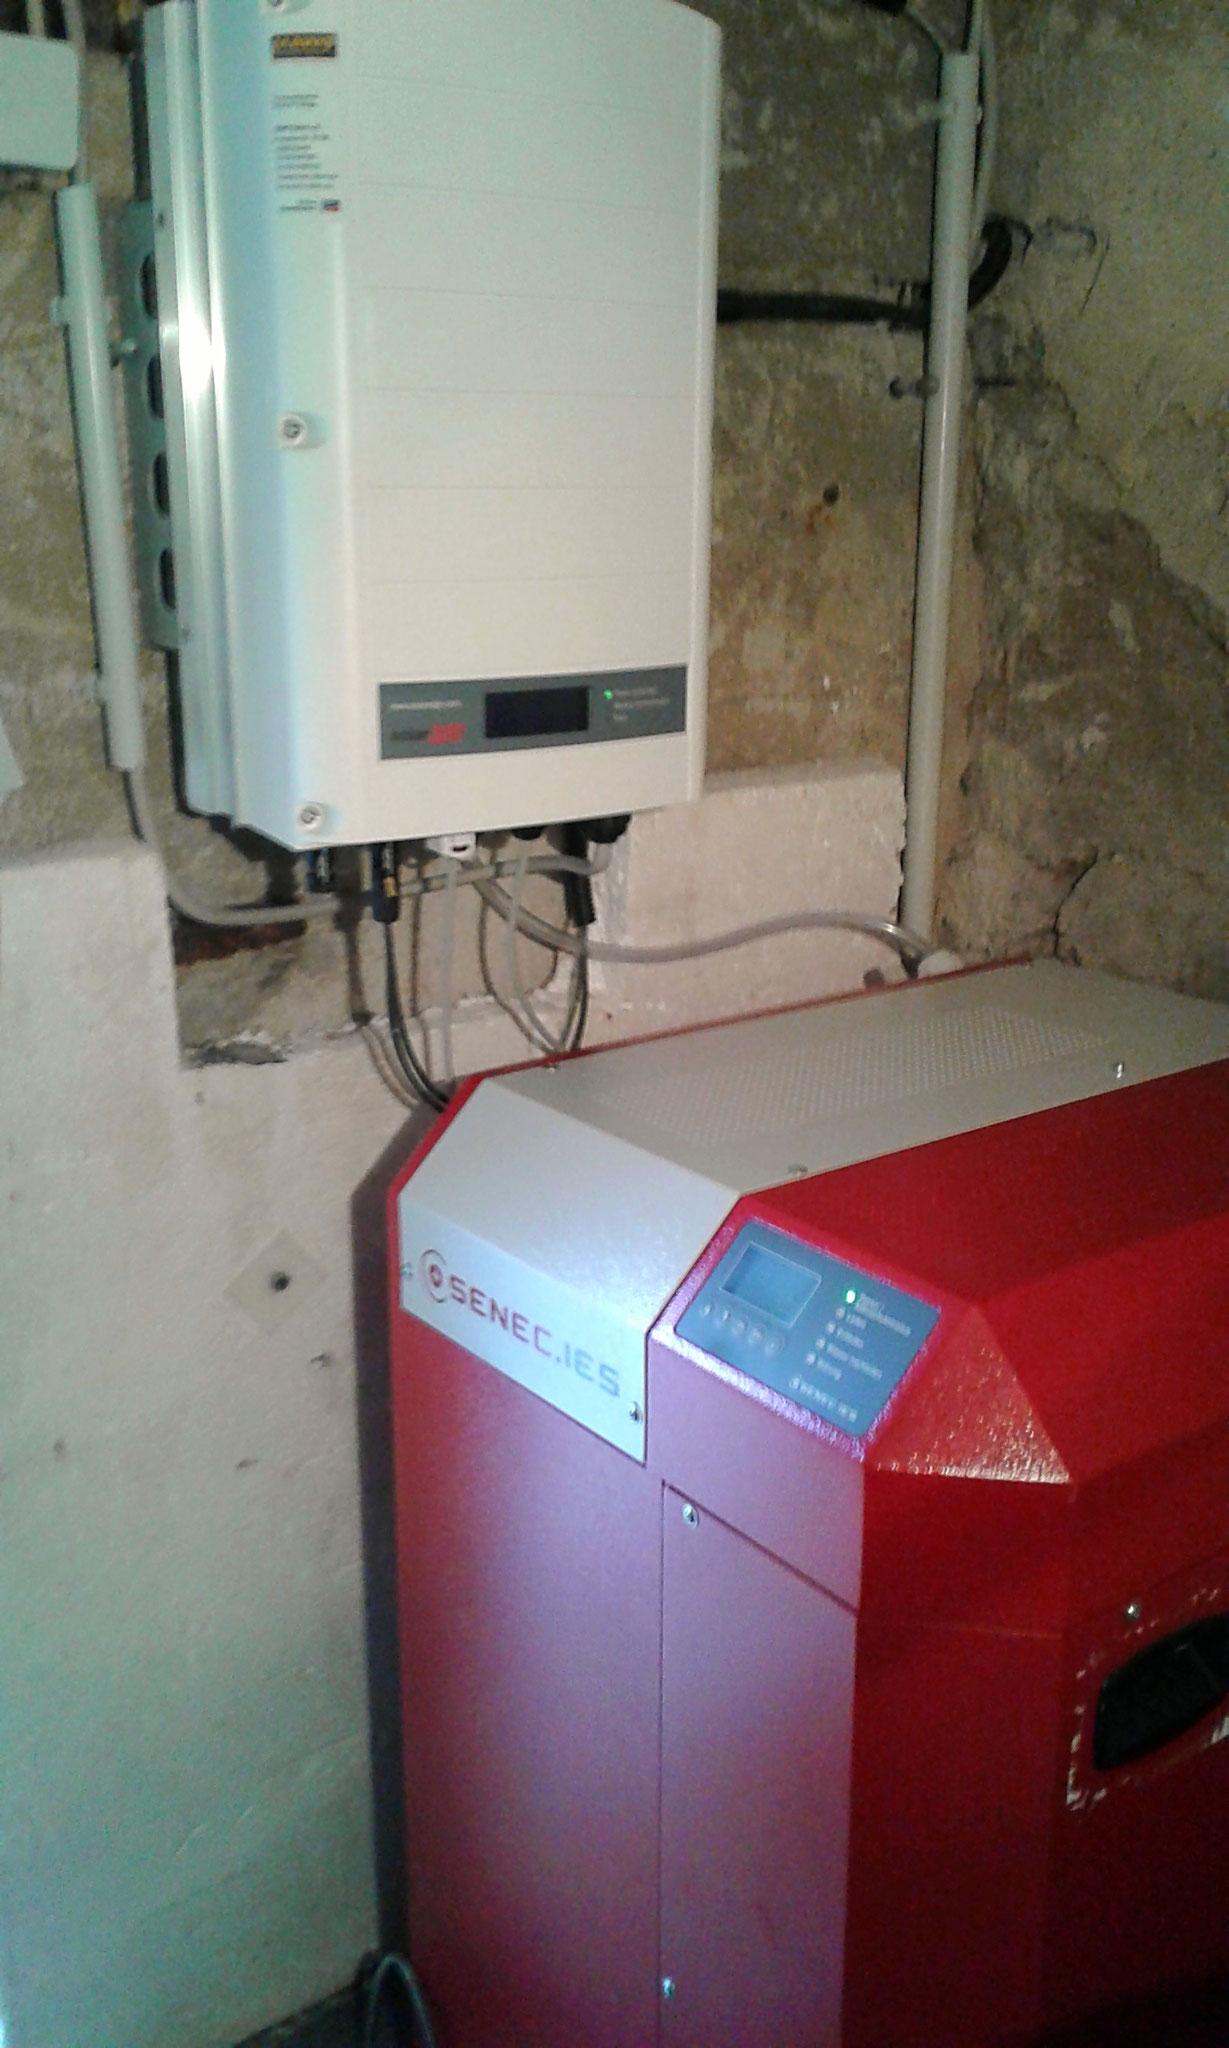 4 kW Pb Senec Speicher in Bernöwe bei Oranienburg in Kombination mit einer Solarwatt PV-Anlage